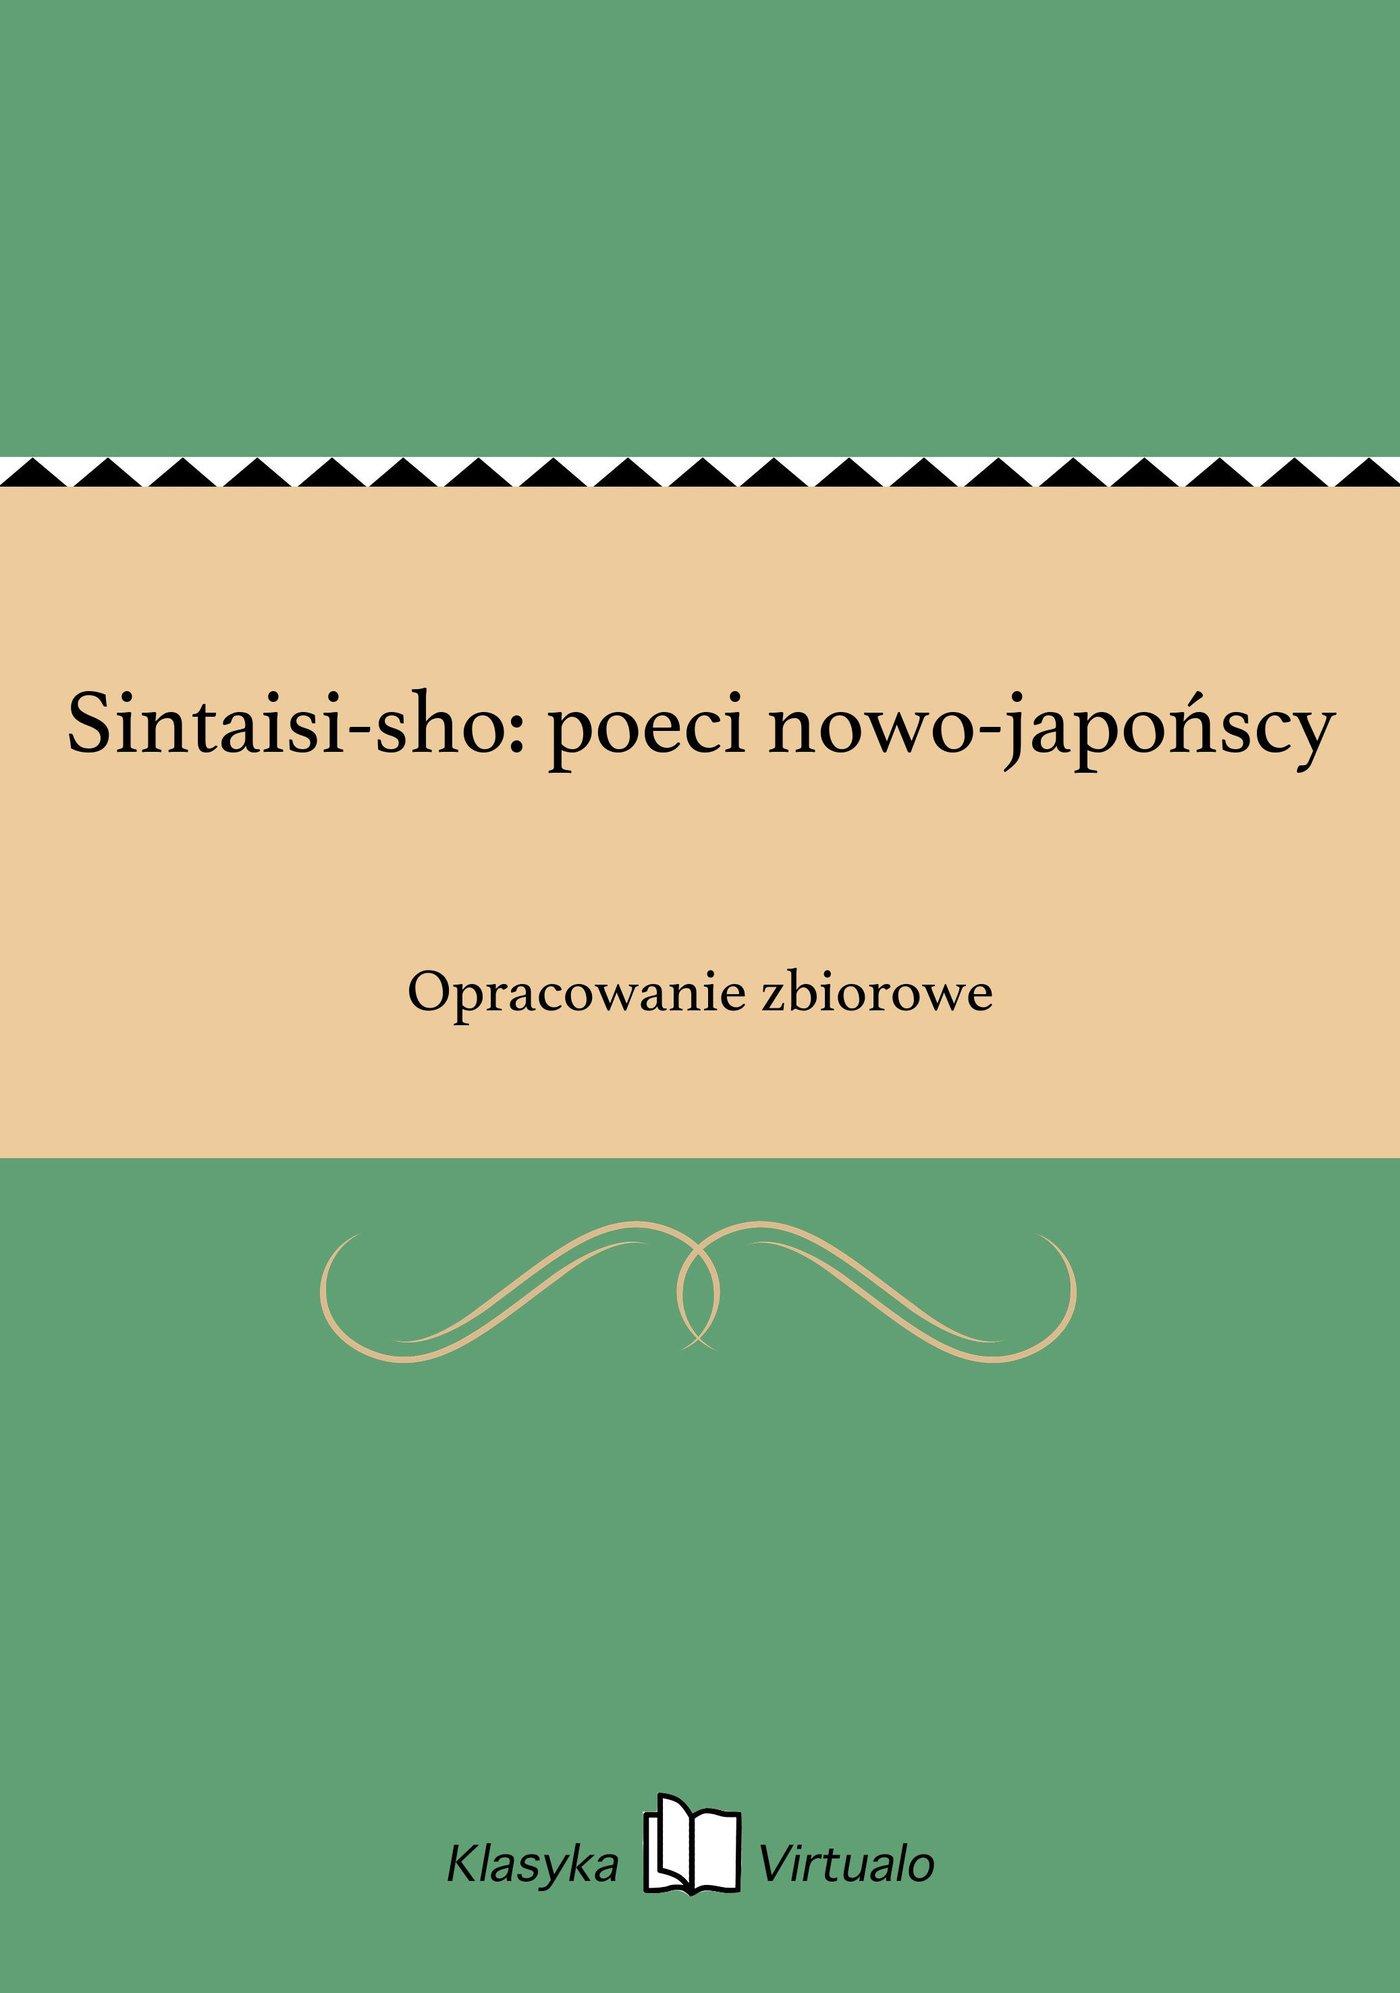 Sintaisi-sho: poeci nowo-japońscy - Ebook (Książka na Kindle) do pobrania w formacie MOBI